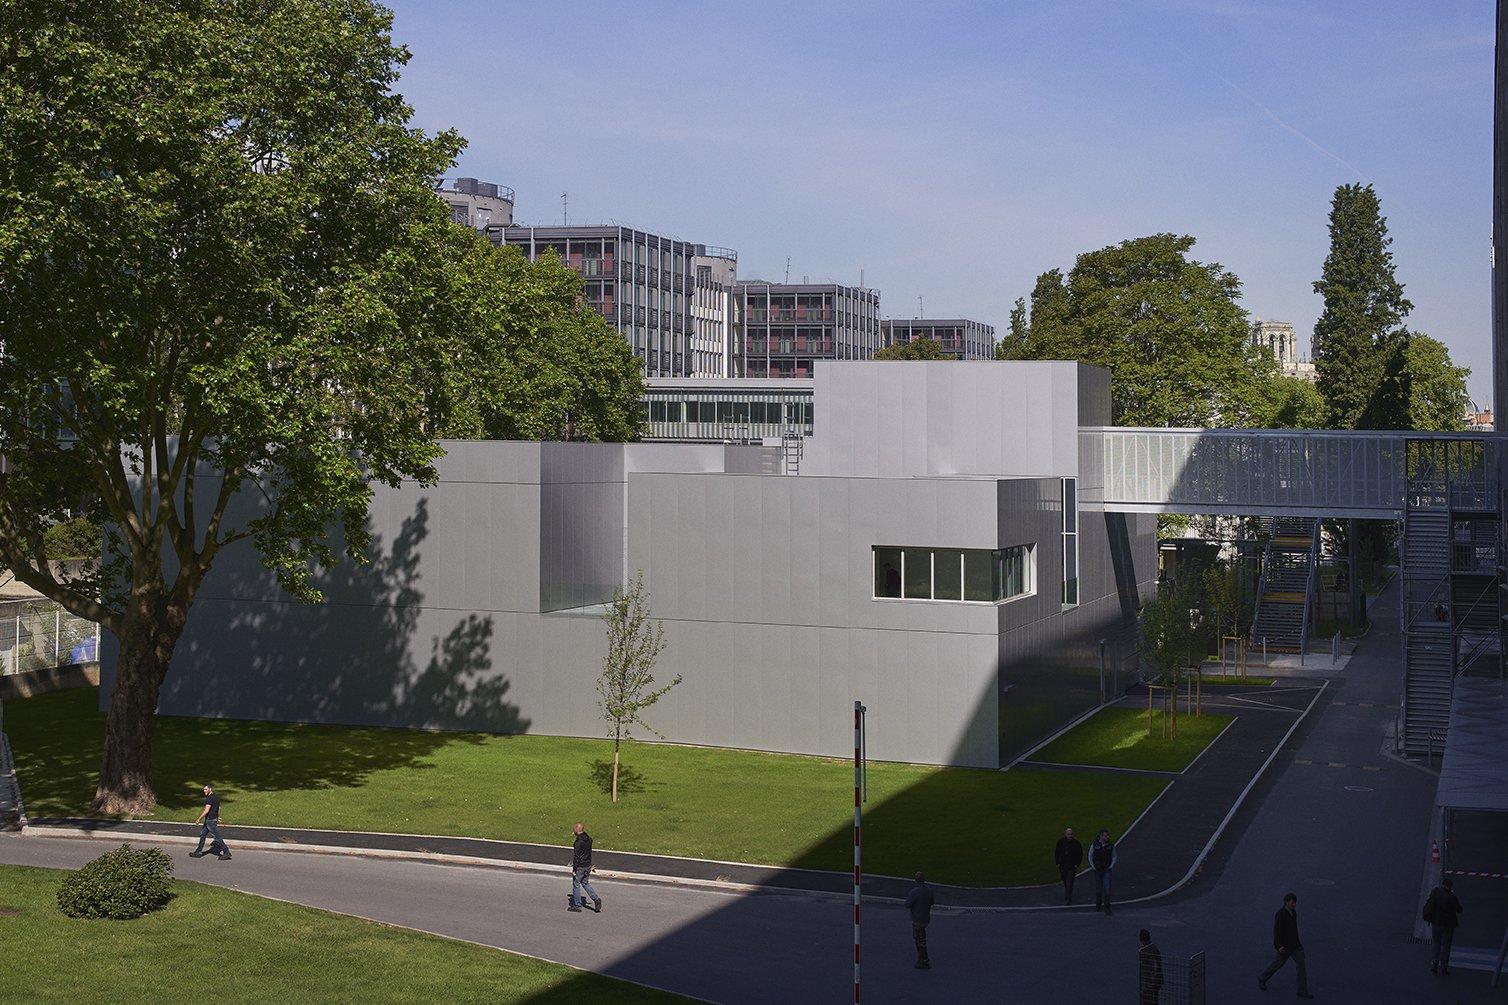 https://www.transform-architecture.com/wp-content/uploads/2020/12/TRANSFORM-Centre-exploration-fonctionnelle-Jussieu-08.jpg